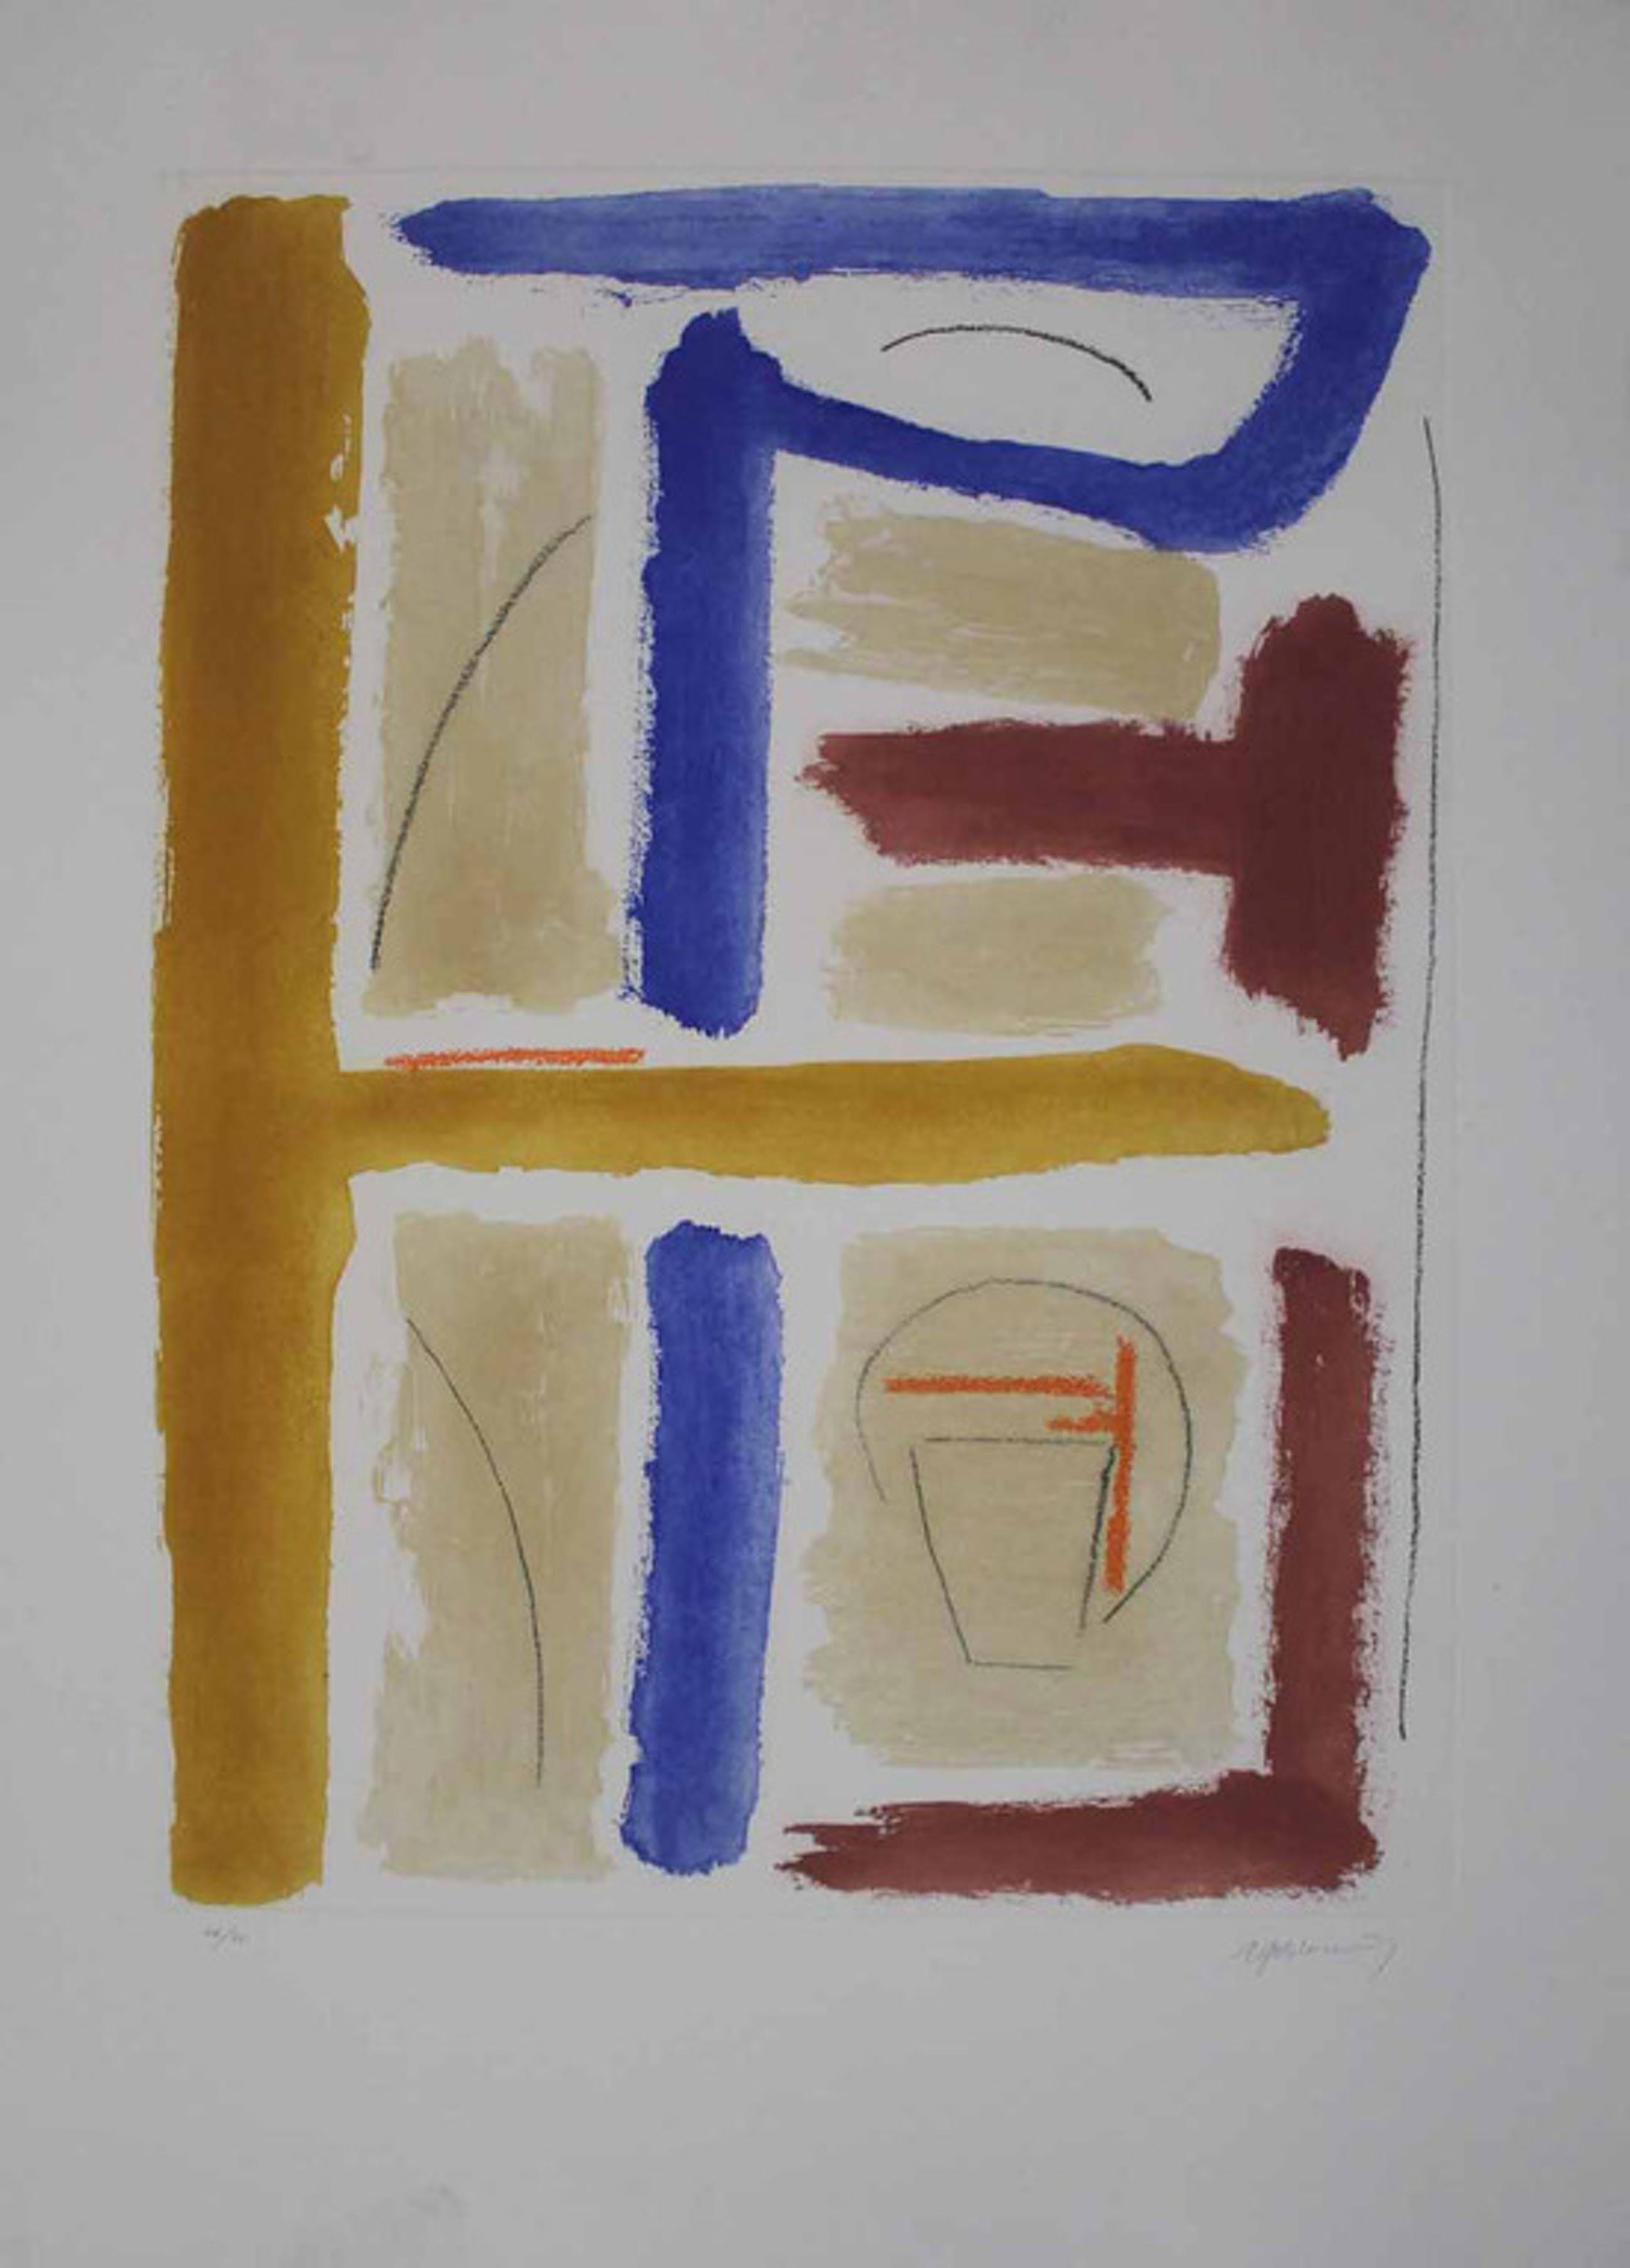 Alberto Rafols Casamada  - Abstracte Compositie - Aquatint (GROOT) - 2005 kopen? Bied vanaf 255!